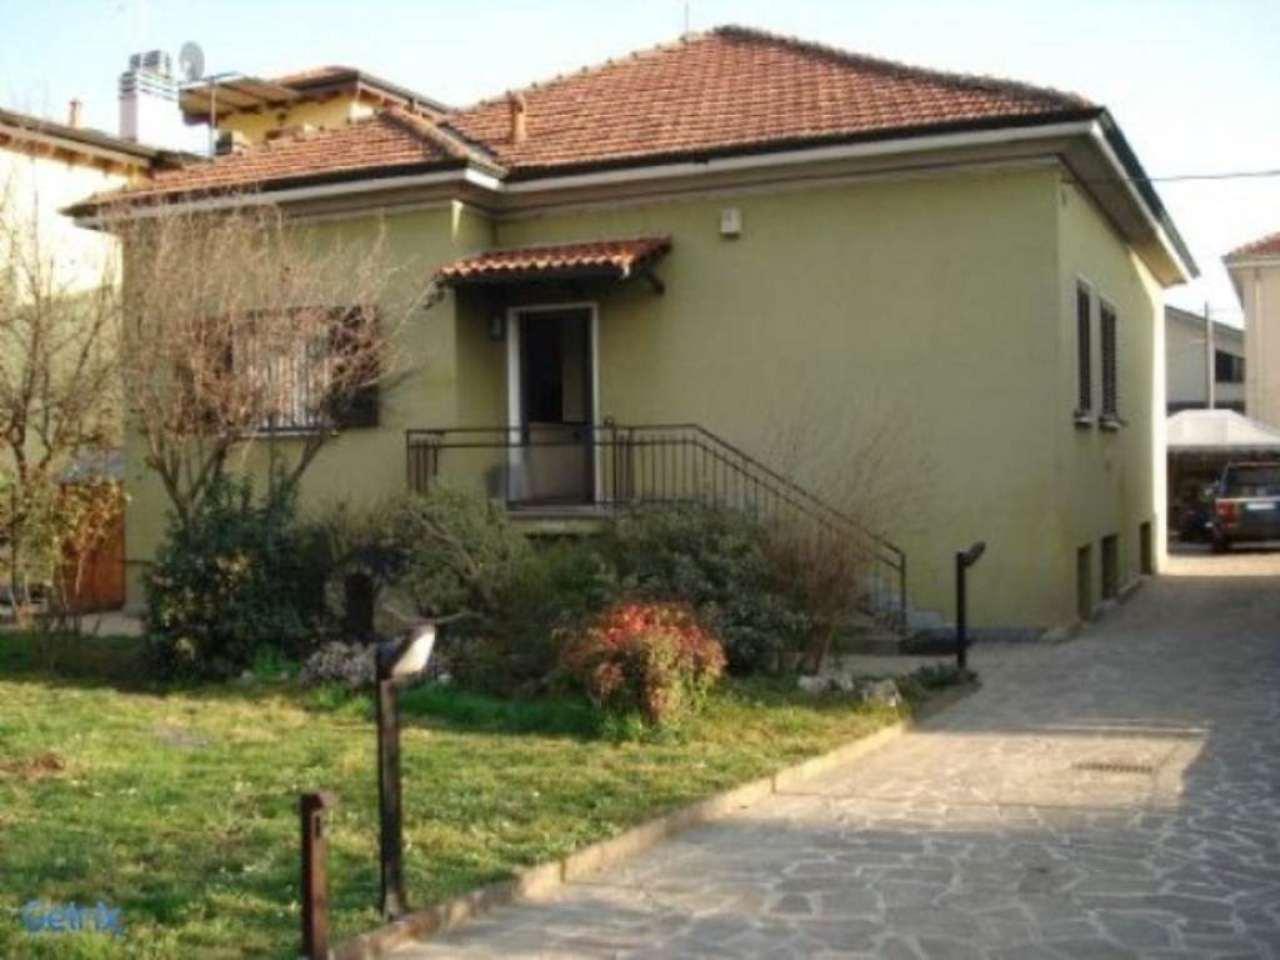 Villa in vendita a Cormano, 3 locali, prezzo € 670.000 | CambioCasa.it